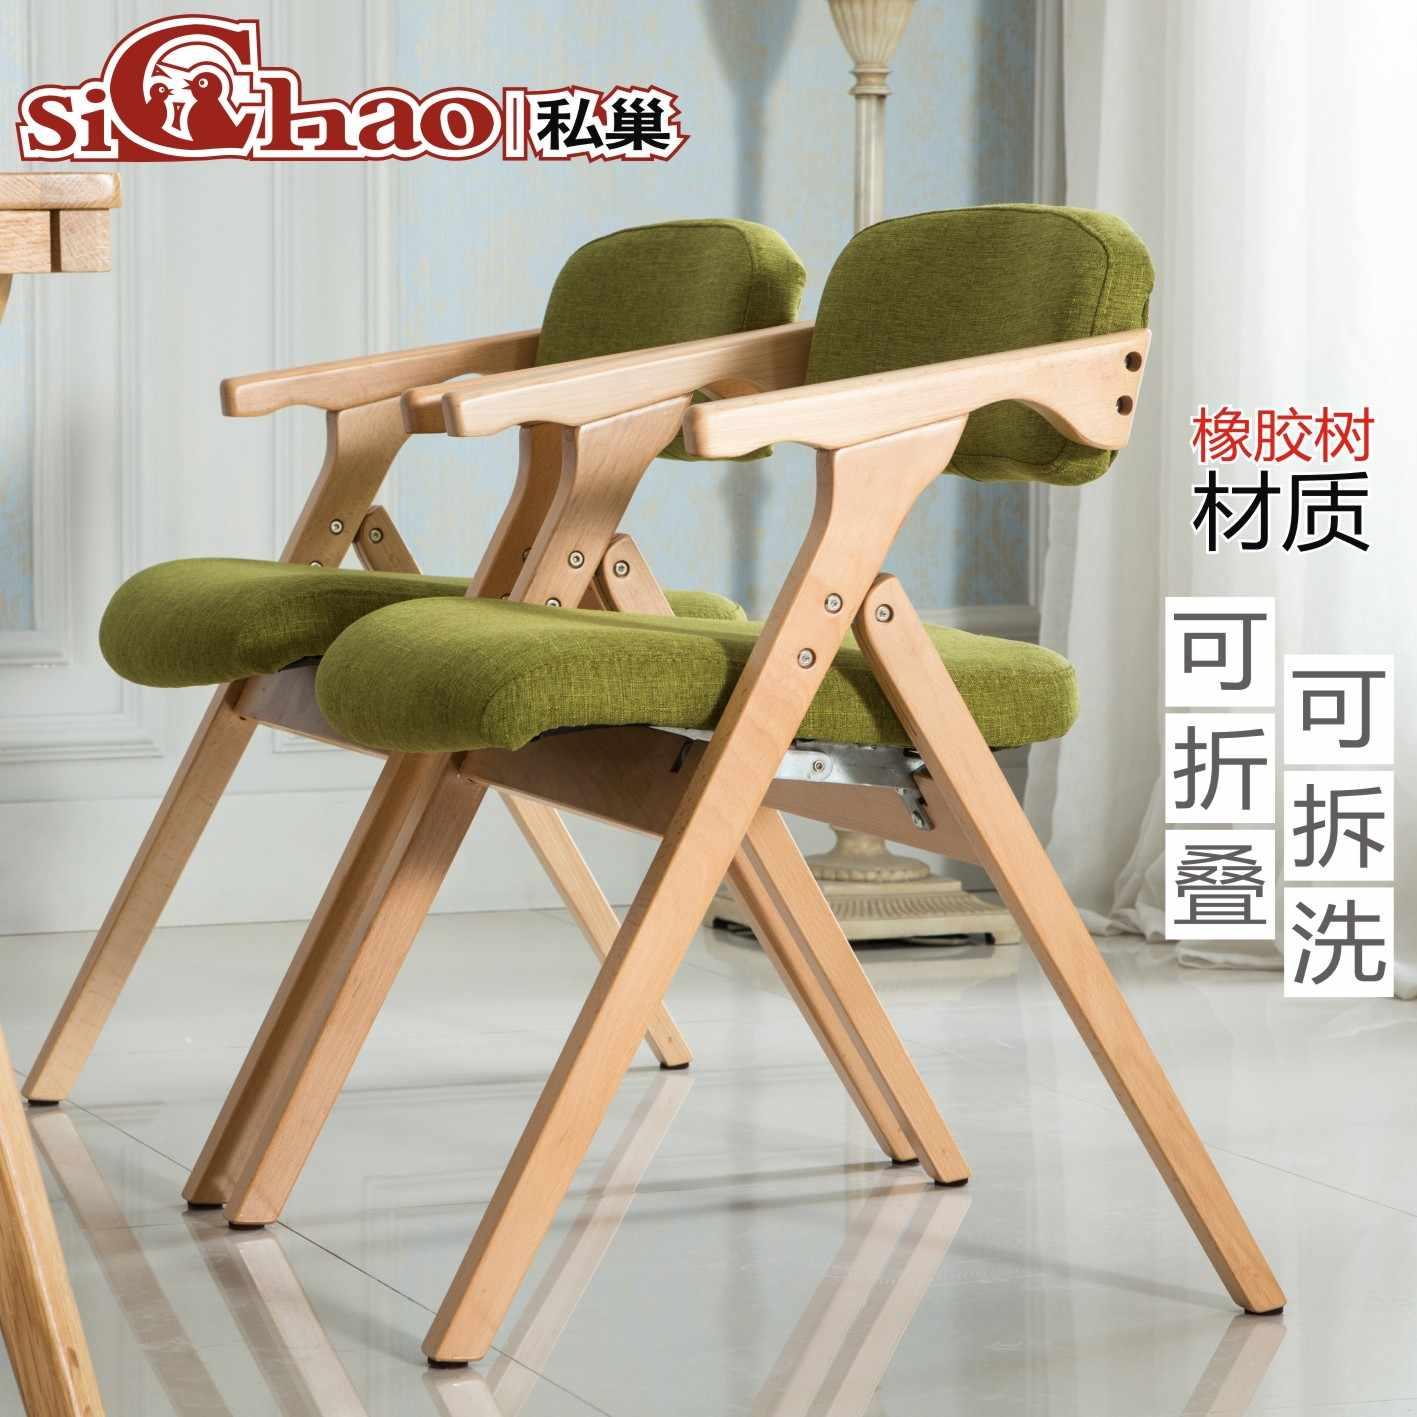 Cadeira de jantar de madeira cadeira de refeição Nordic simples moderno da arte de pano dobrável cadeira do lazer poltrona cadeira do computador de casa